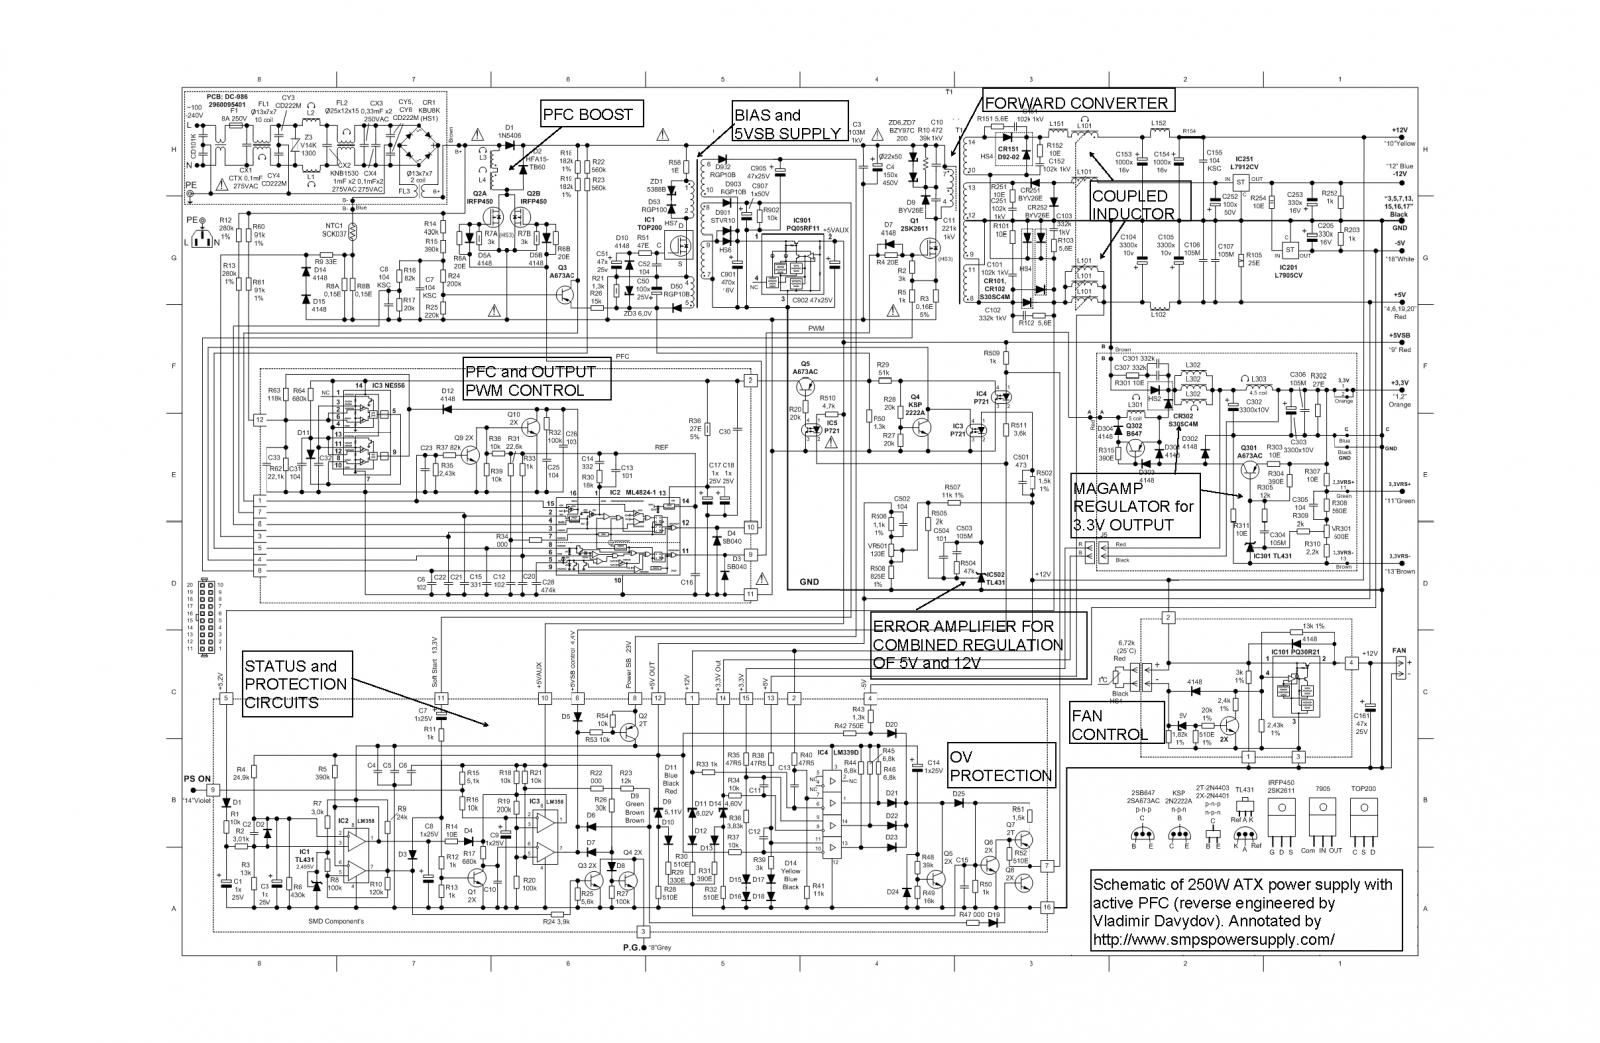 dcdbb1ef6d652a95f00cc053fd3ce5d3 pin by razvan mat on electronics pinterest